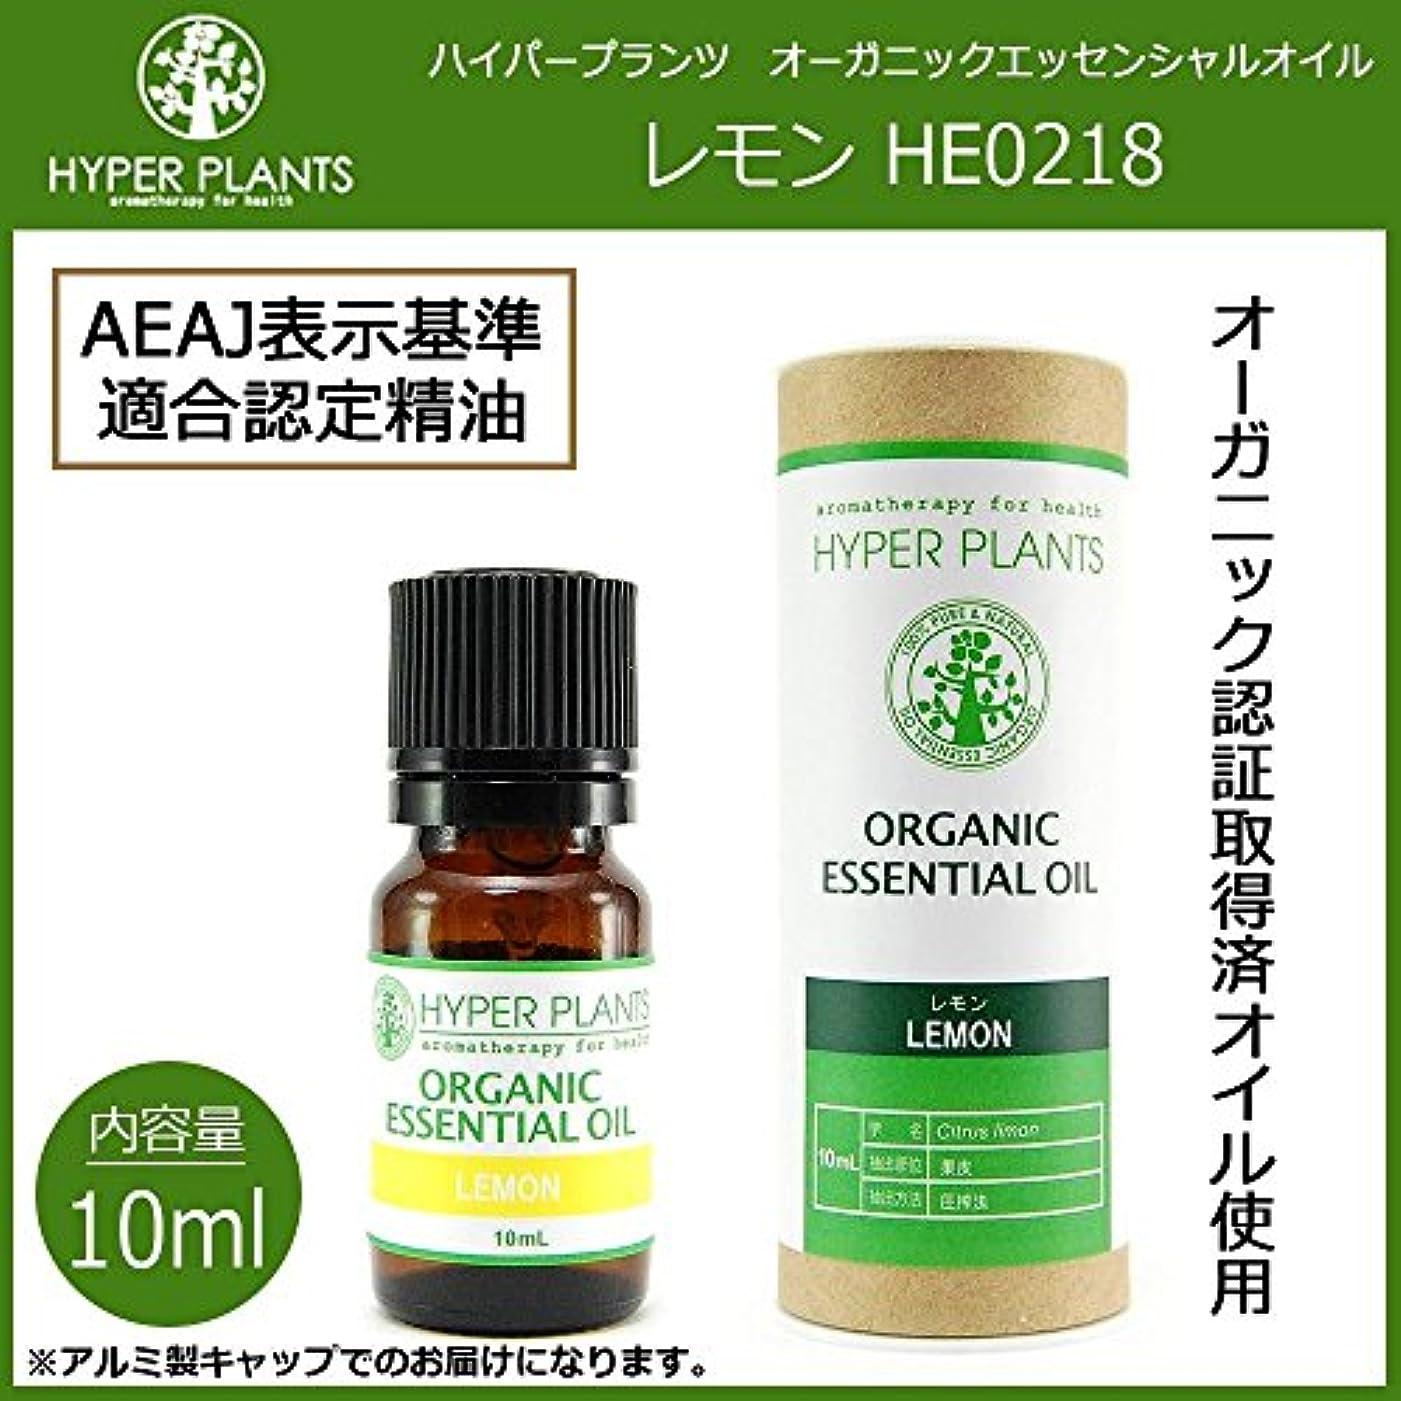 神経障害あたりクルーHYPER PLANTS ハイパープランツ オーガニックエッセンシャルオイル レモン 10ml HE0218